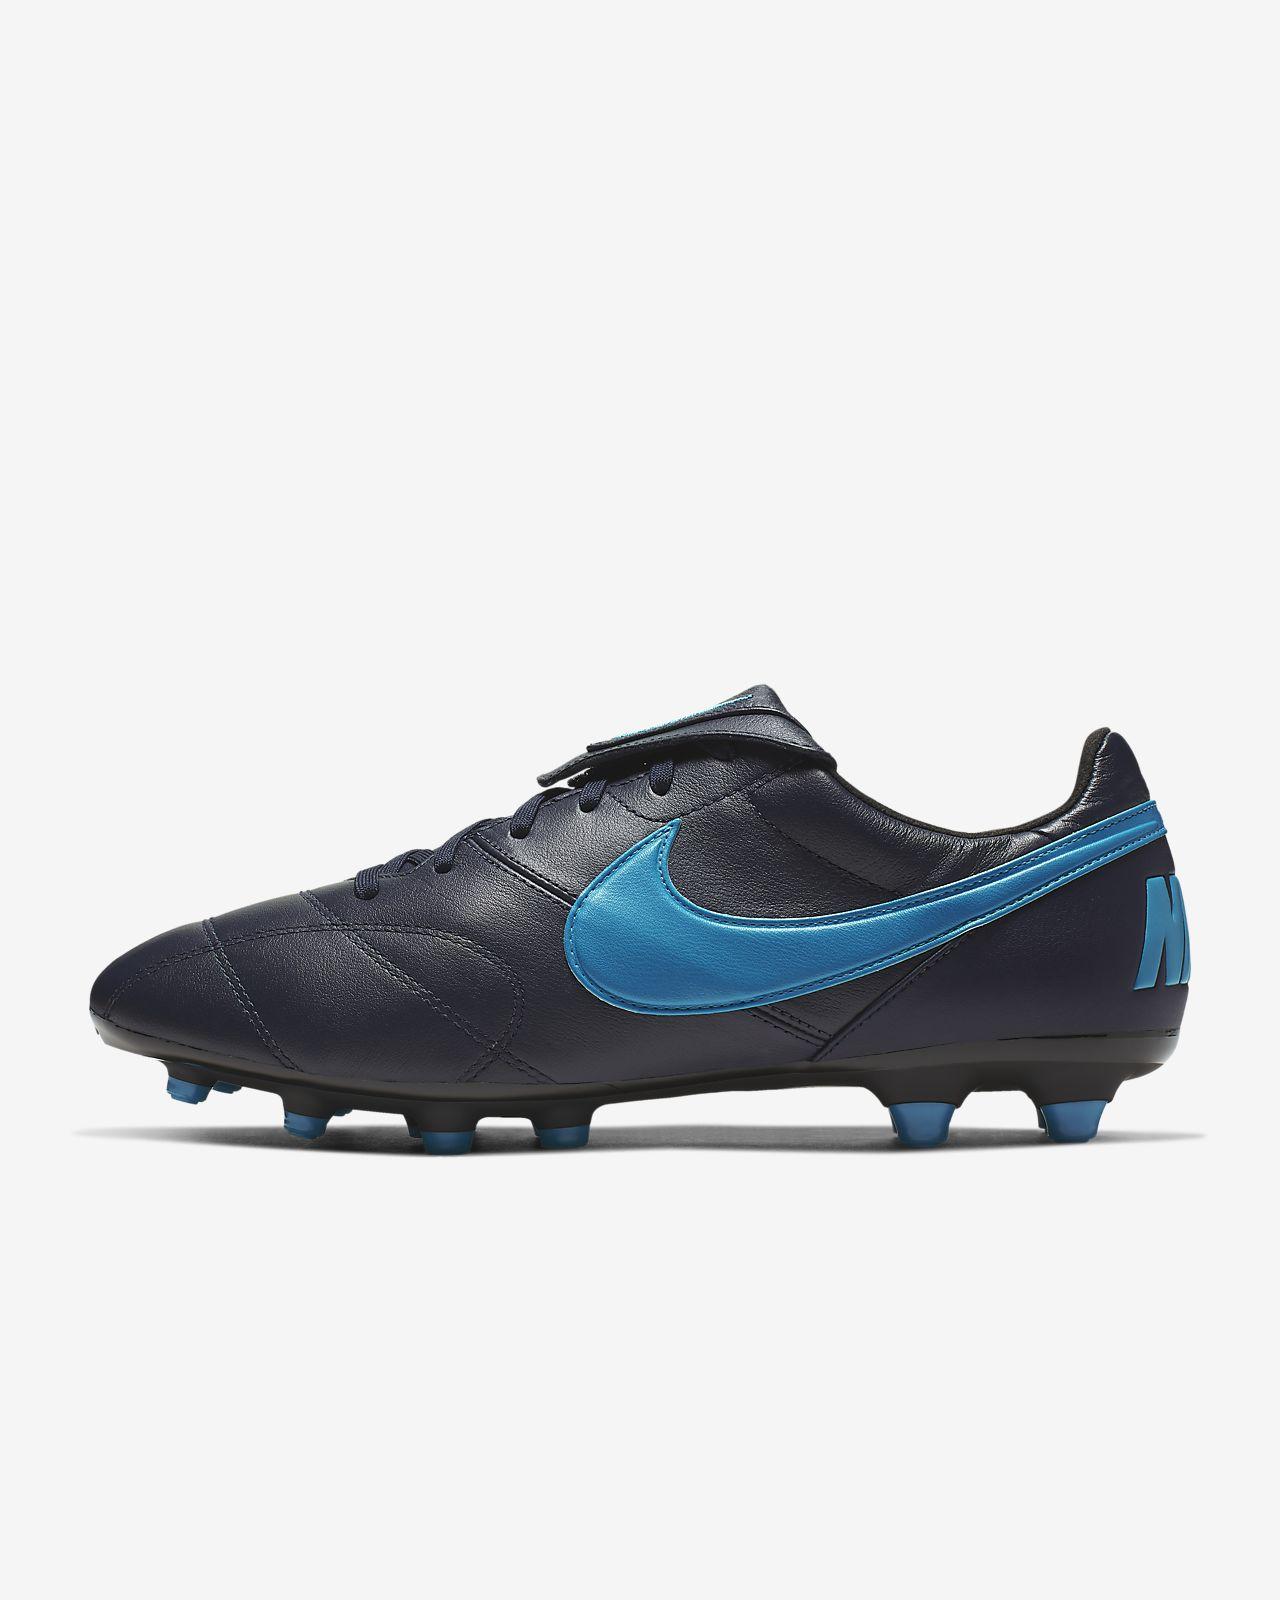 Crampons Fg Football Chaussure Premier À Terrain Ii De Pour Nike Sec QBtrdxhCs